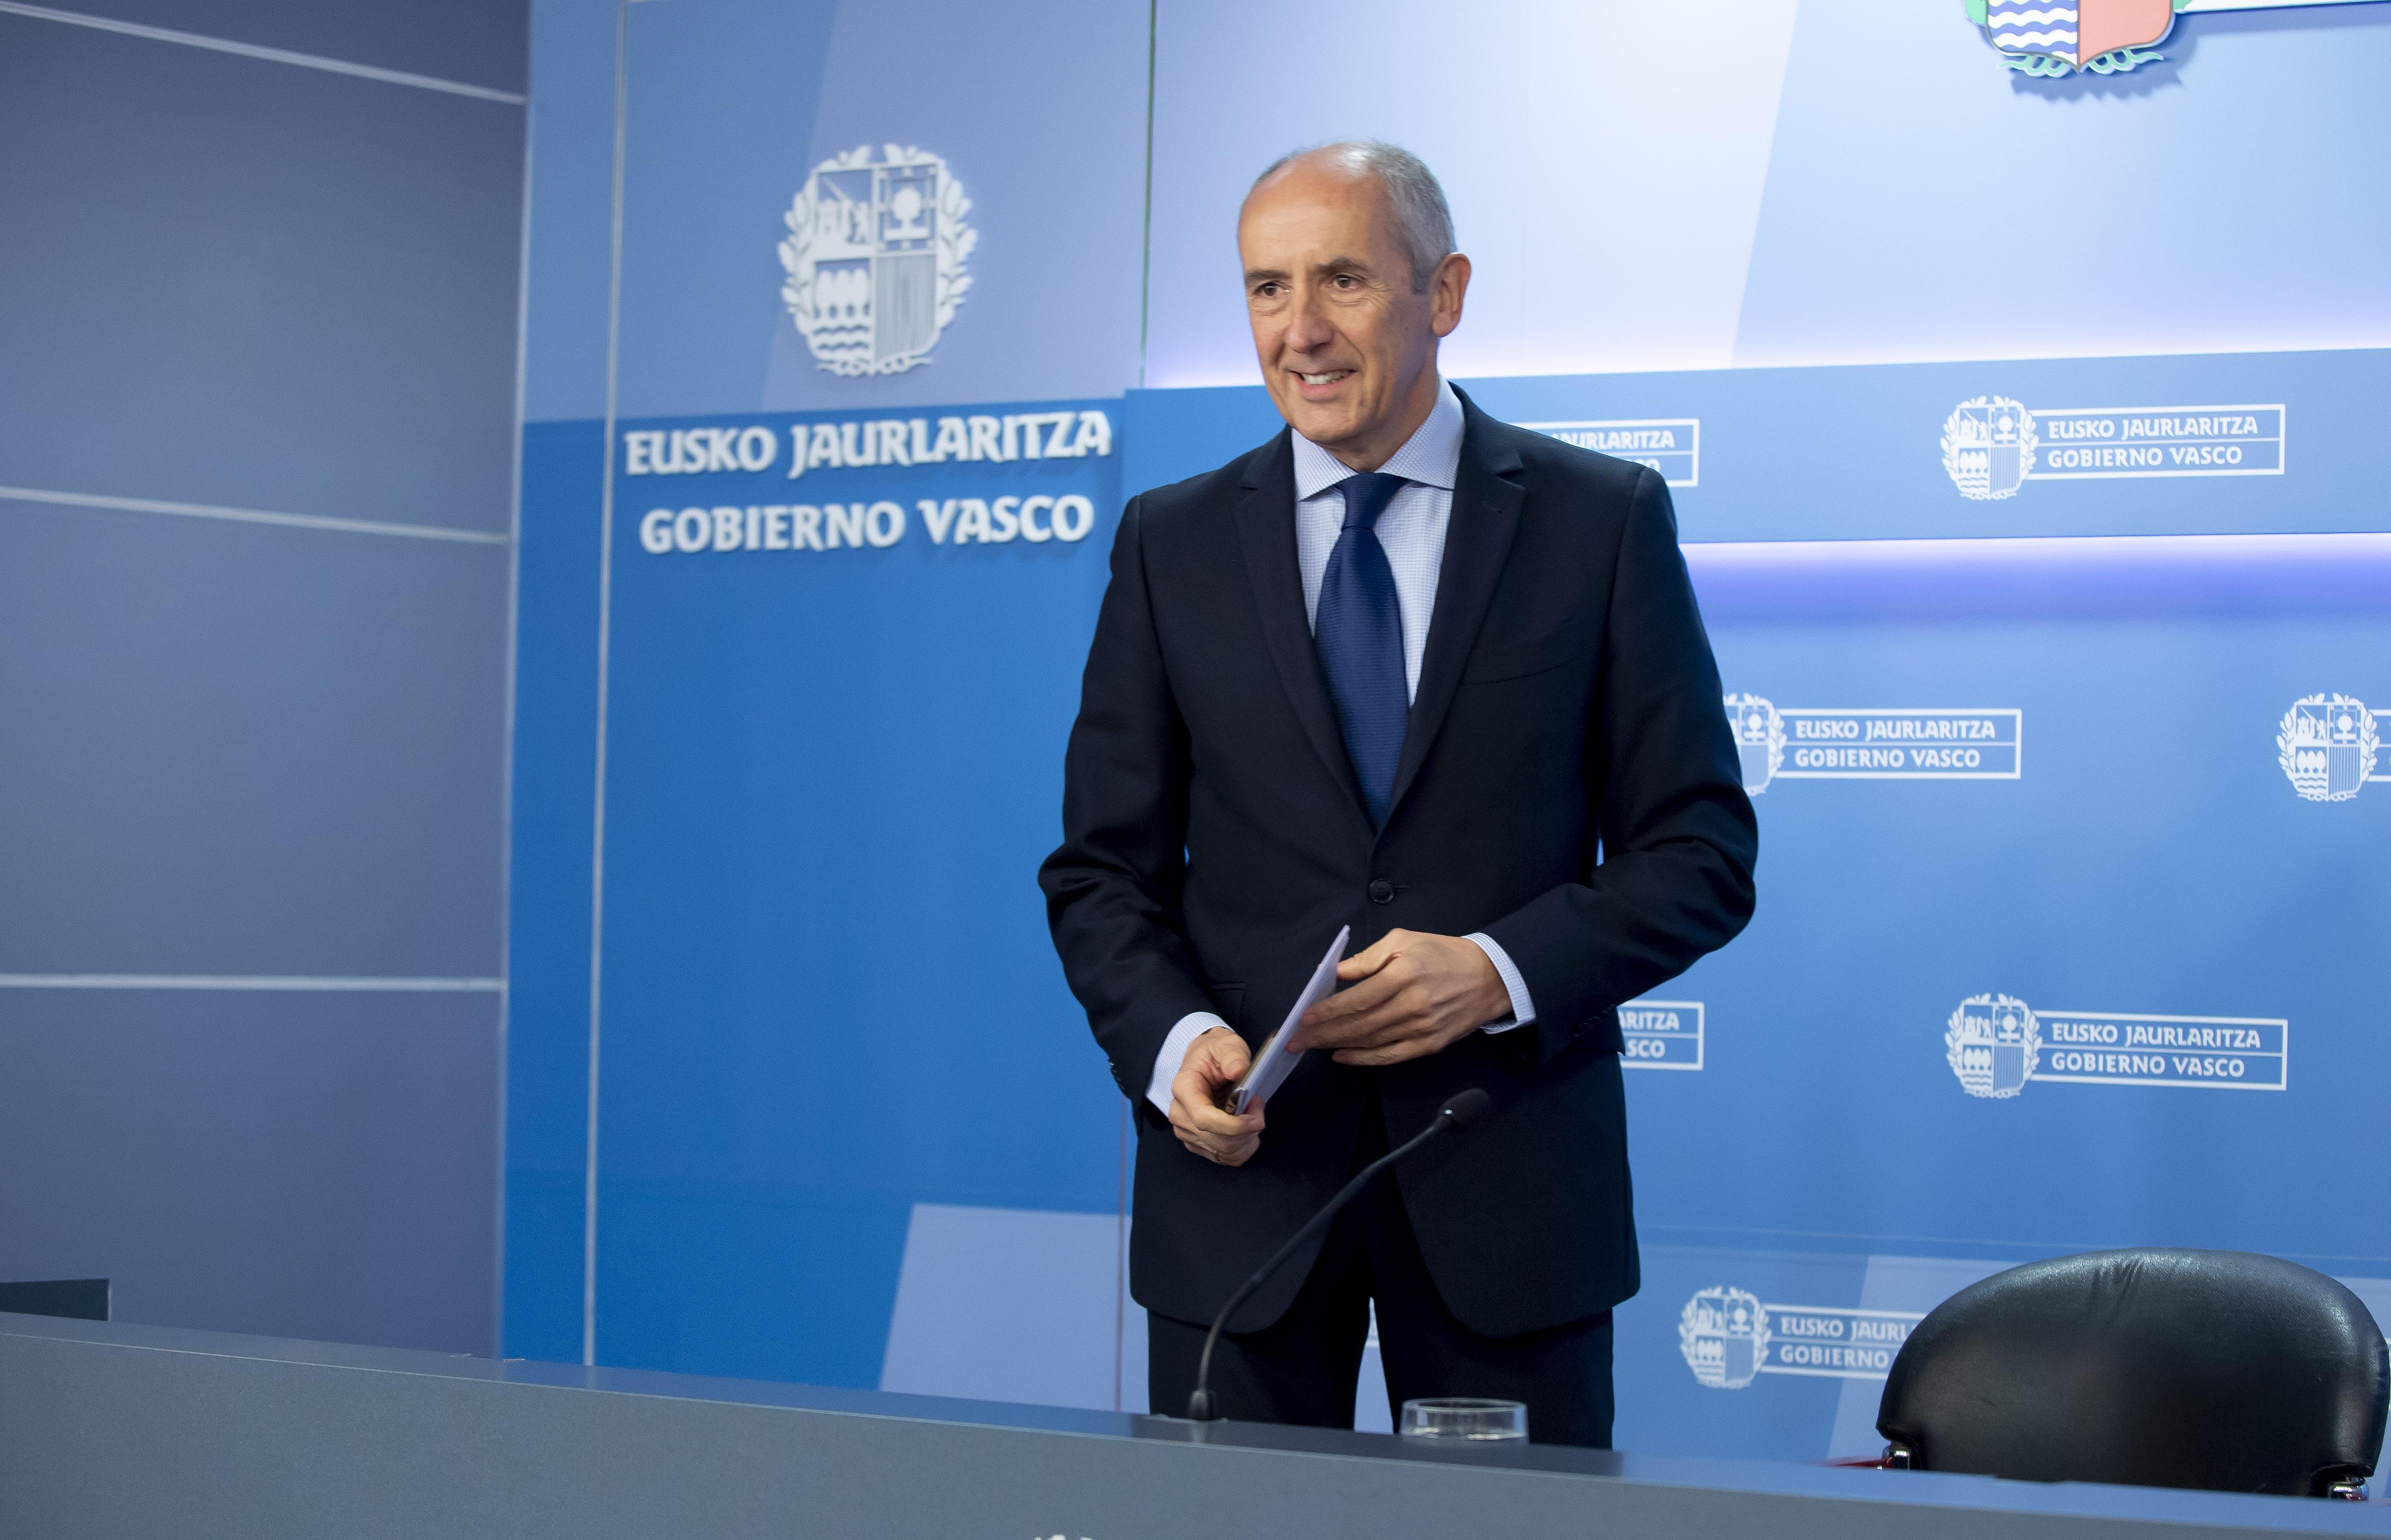 El Gobierno Vasco dice SI a la construcción de una sociedad igualitaria